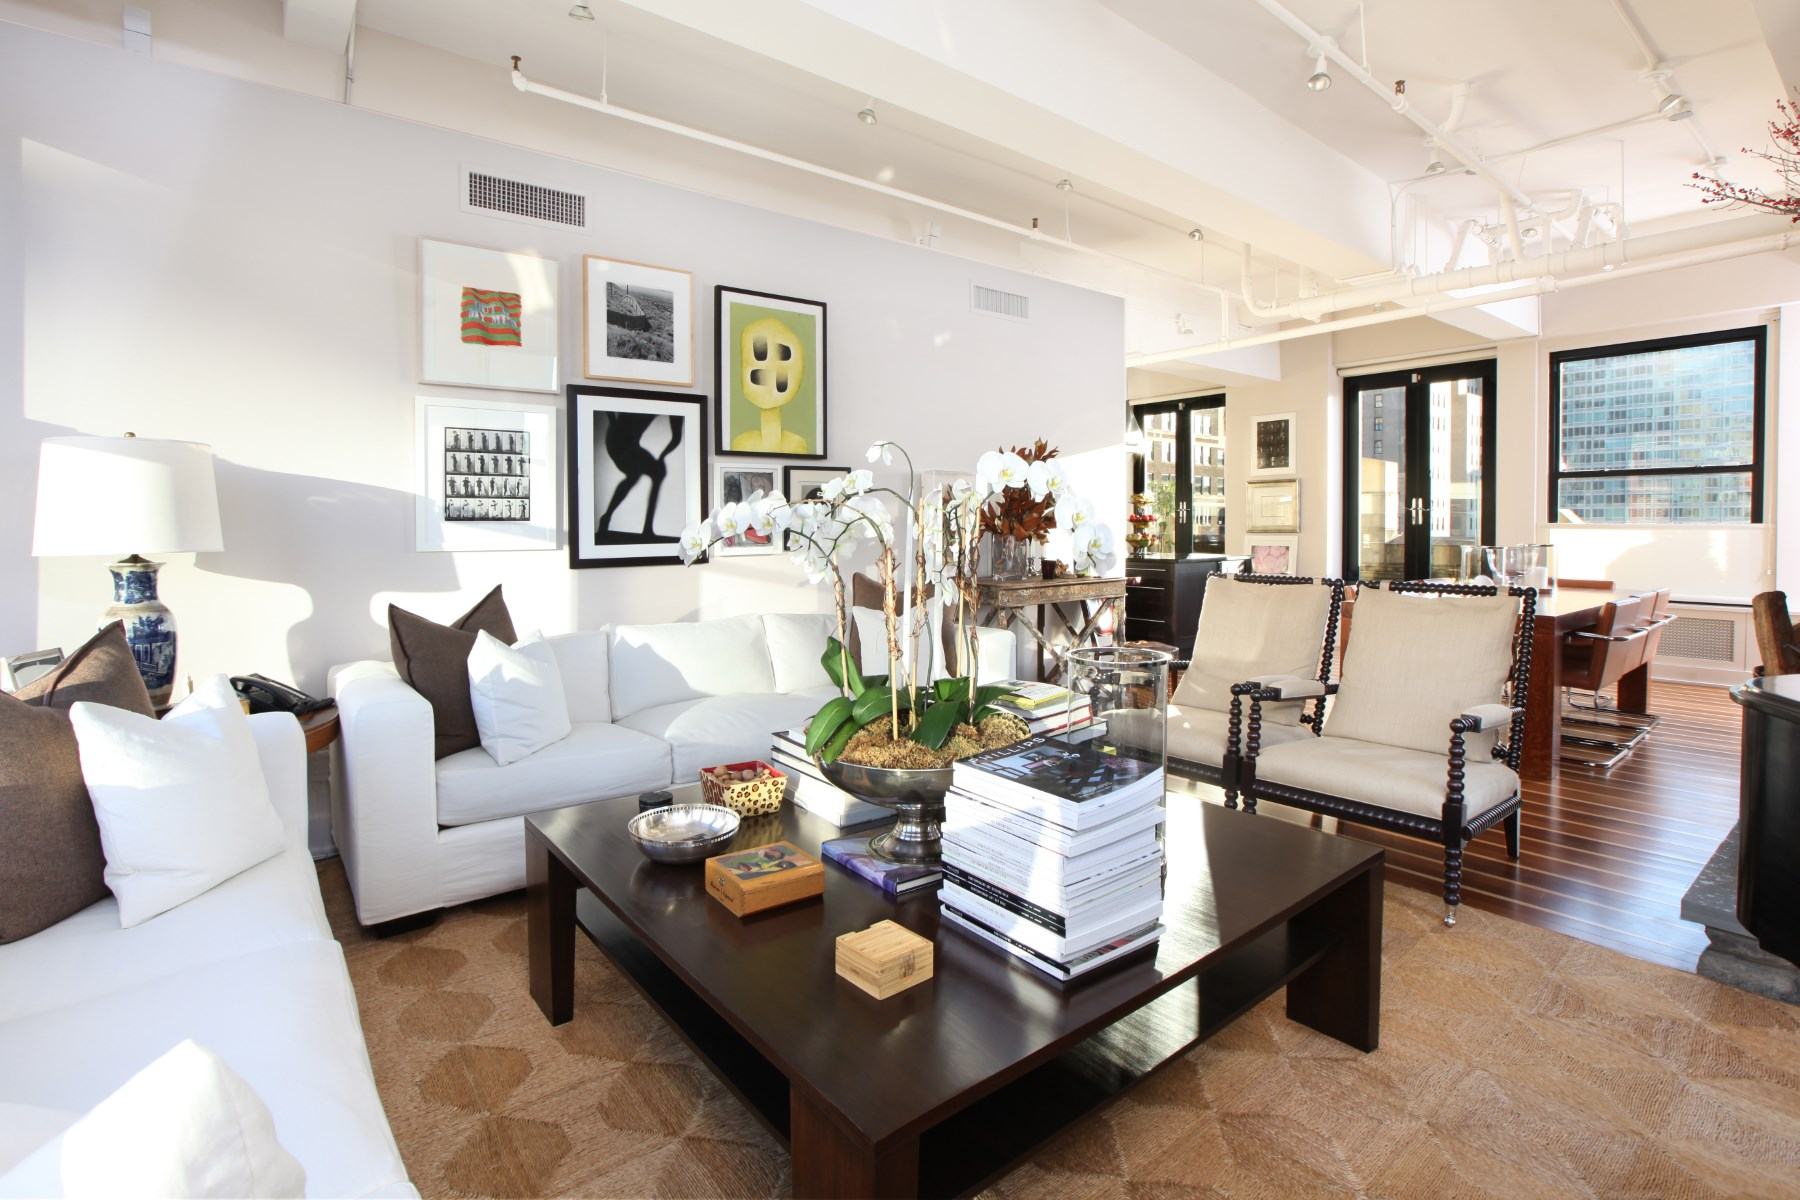 Property For Sale at Hudson Yards Loft